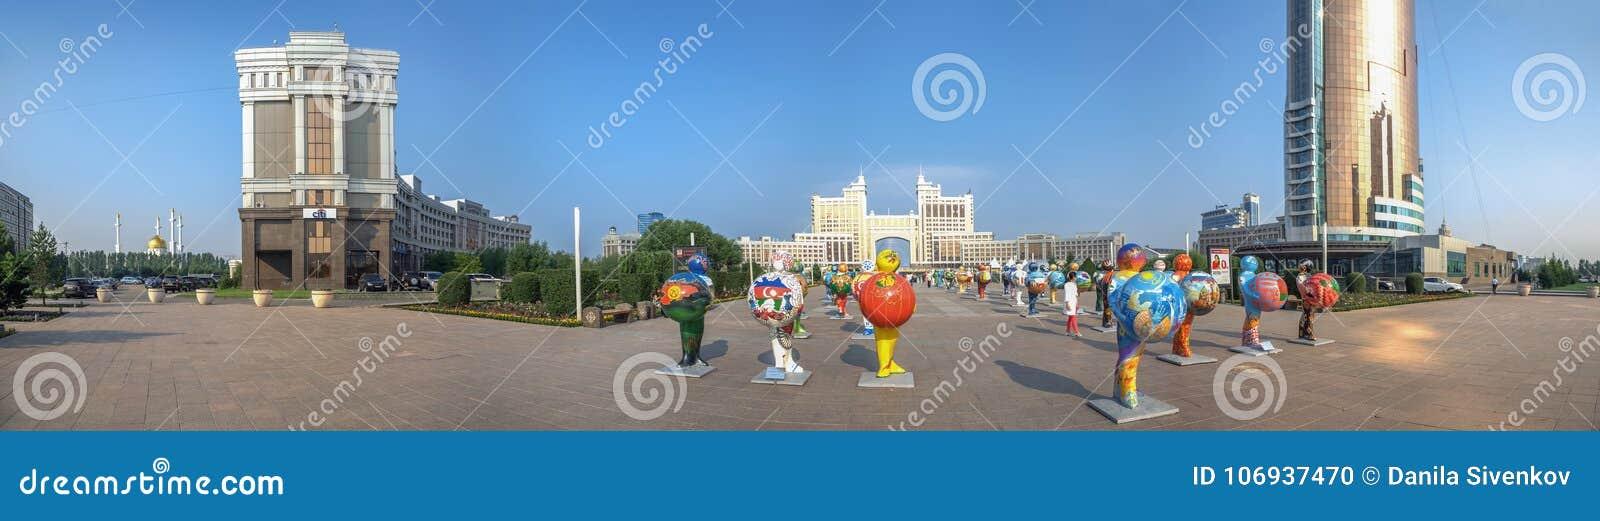 ASTANA, CAZAQUISTÃO - 2 DE JULHO DE 2016: Panorama da manhã com figuras plásticas